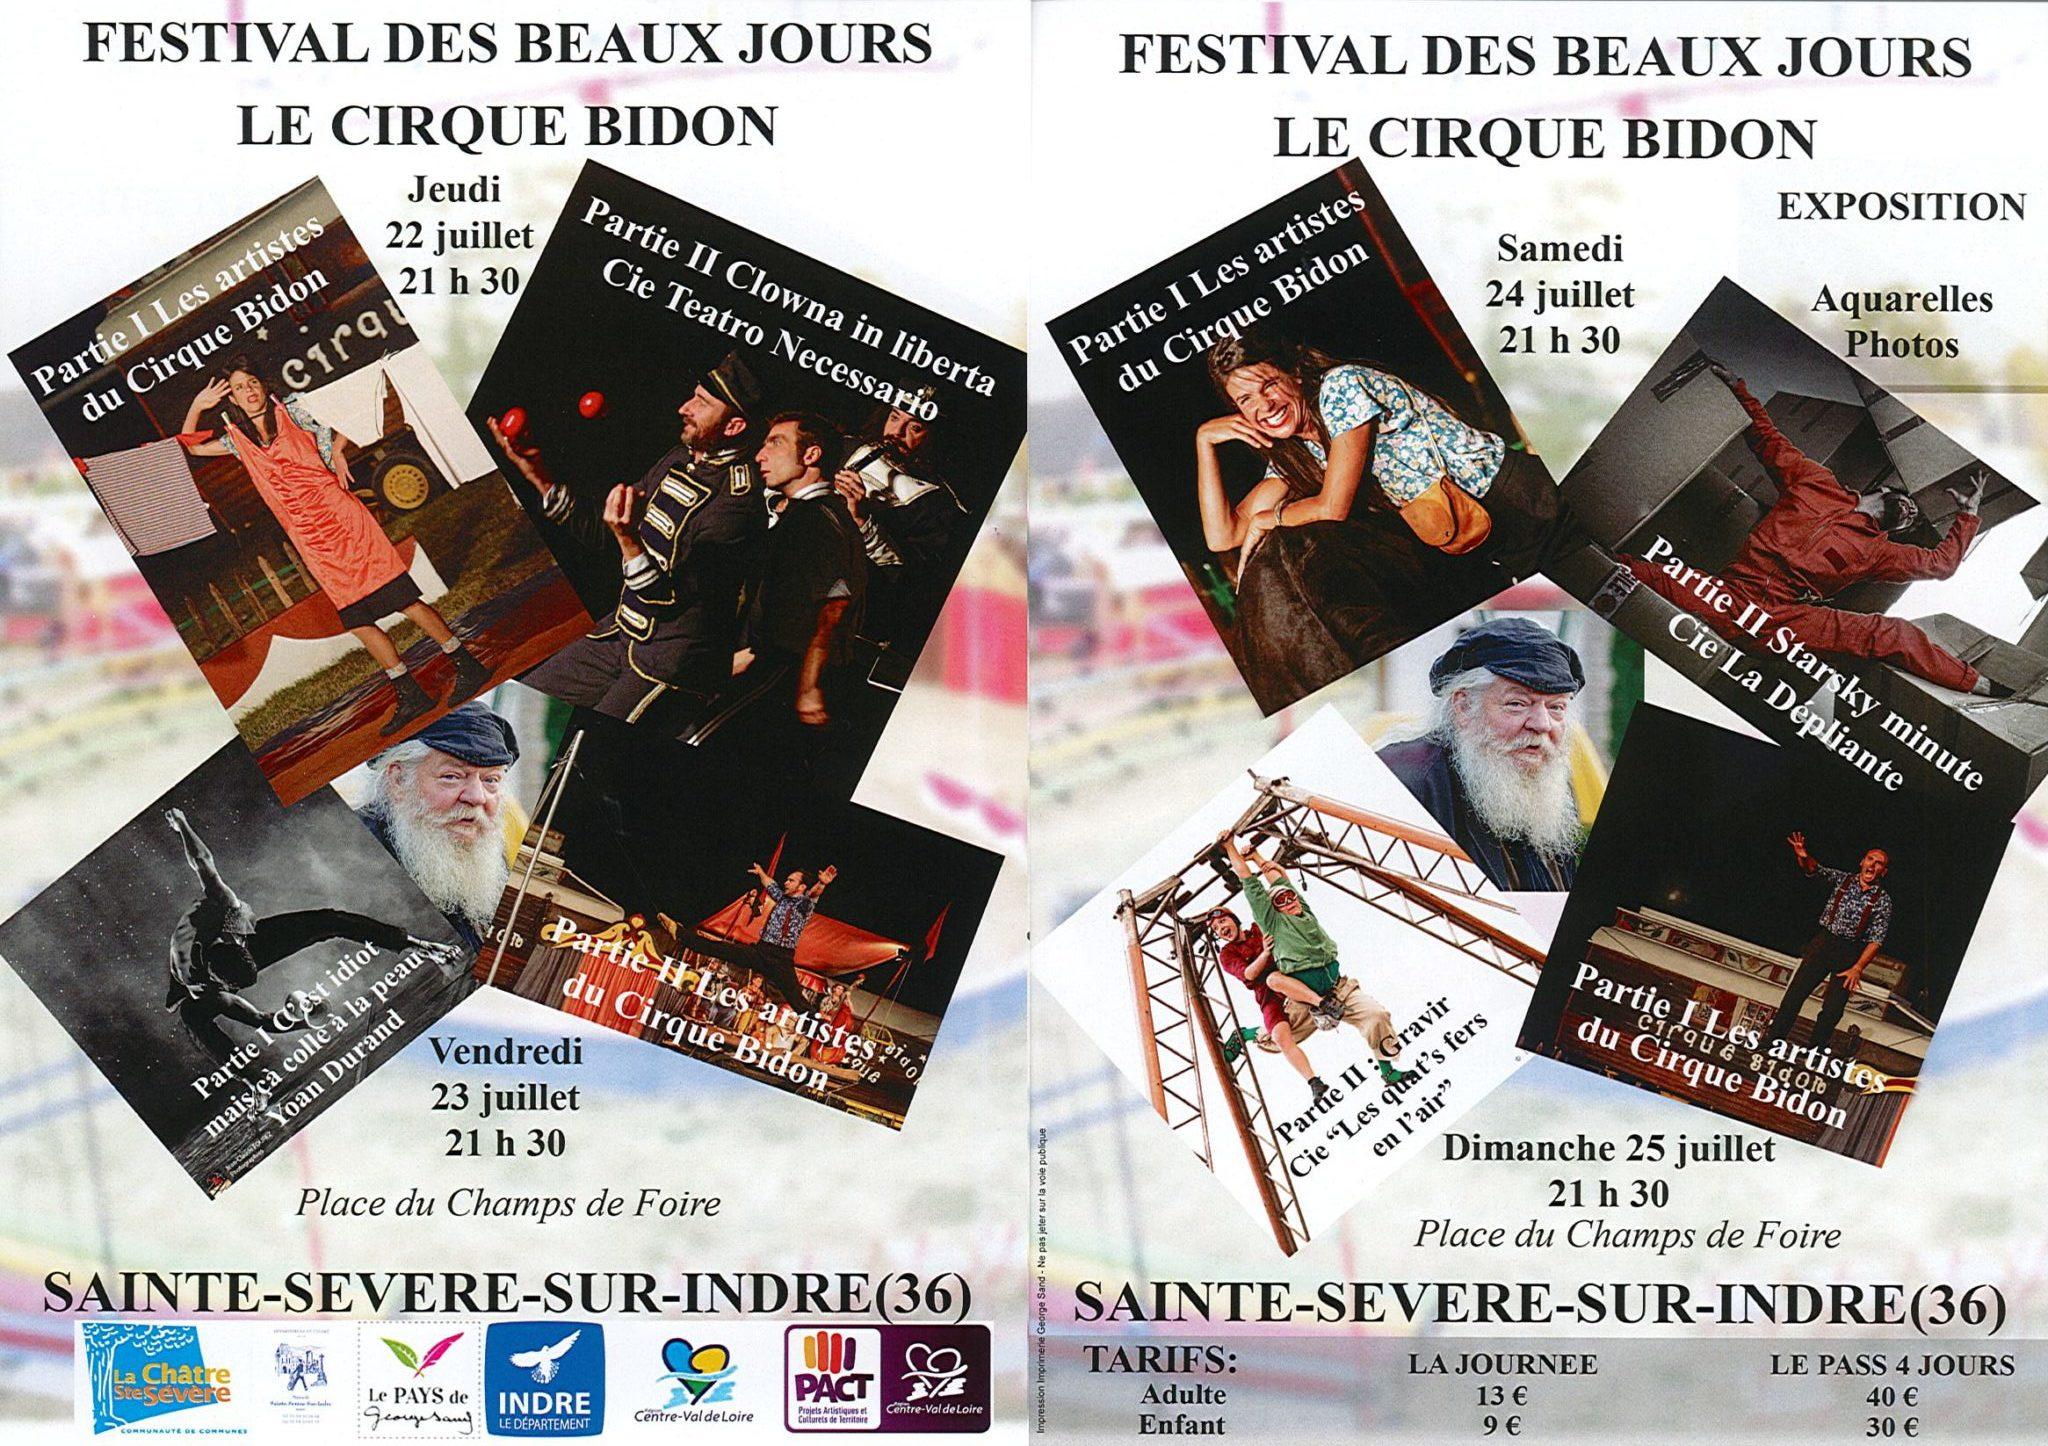 Du 22 au 25 juillet – Festival des beaux jours du Cirque bidon